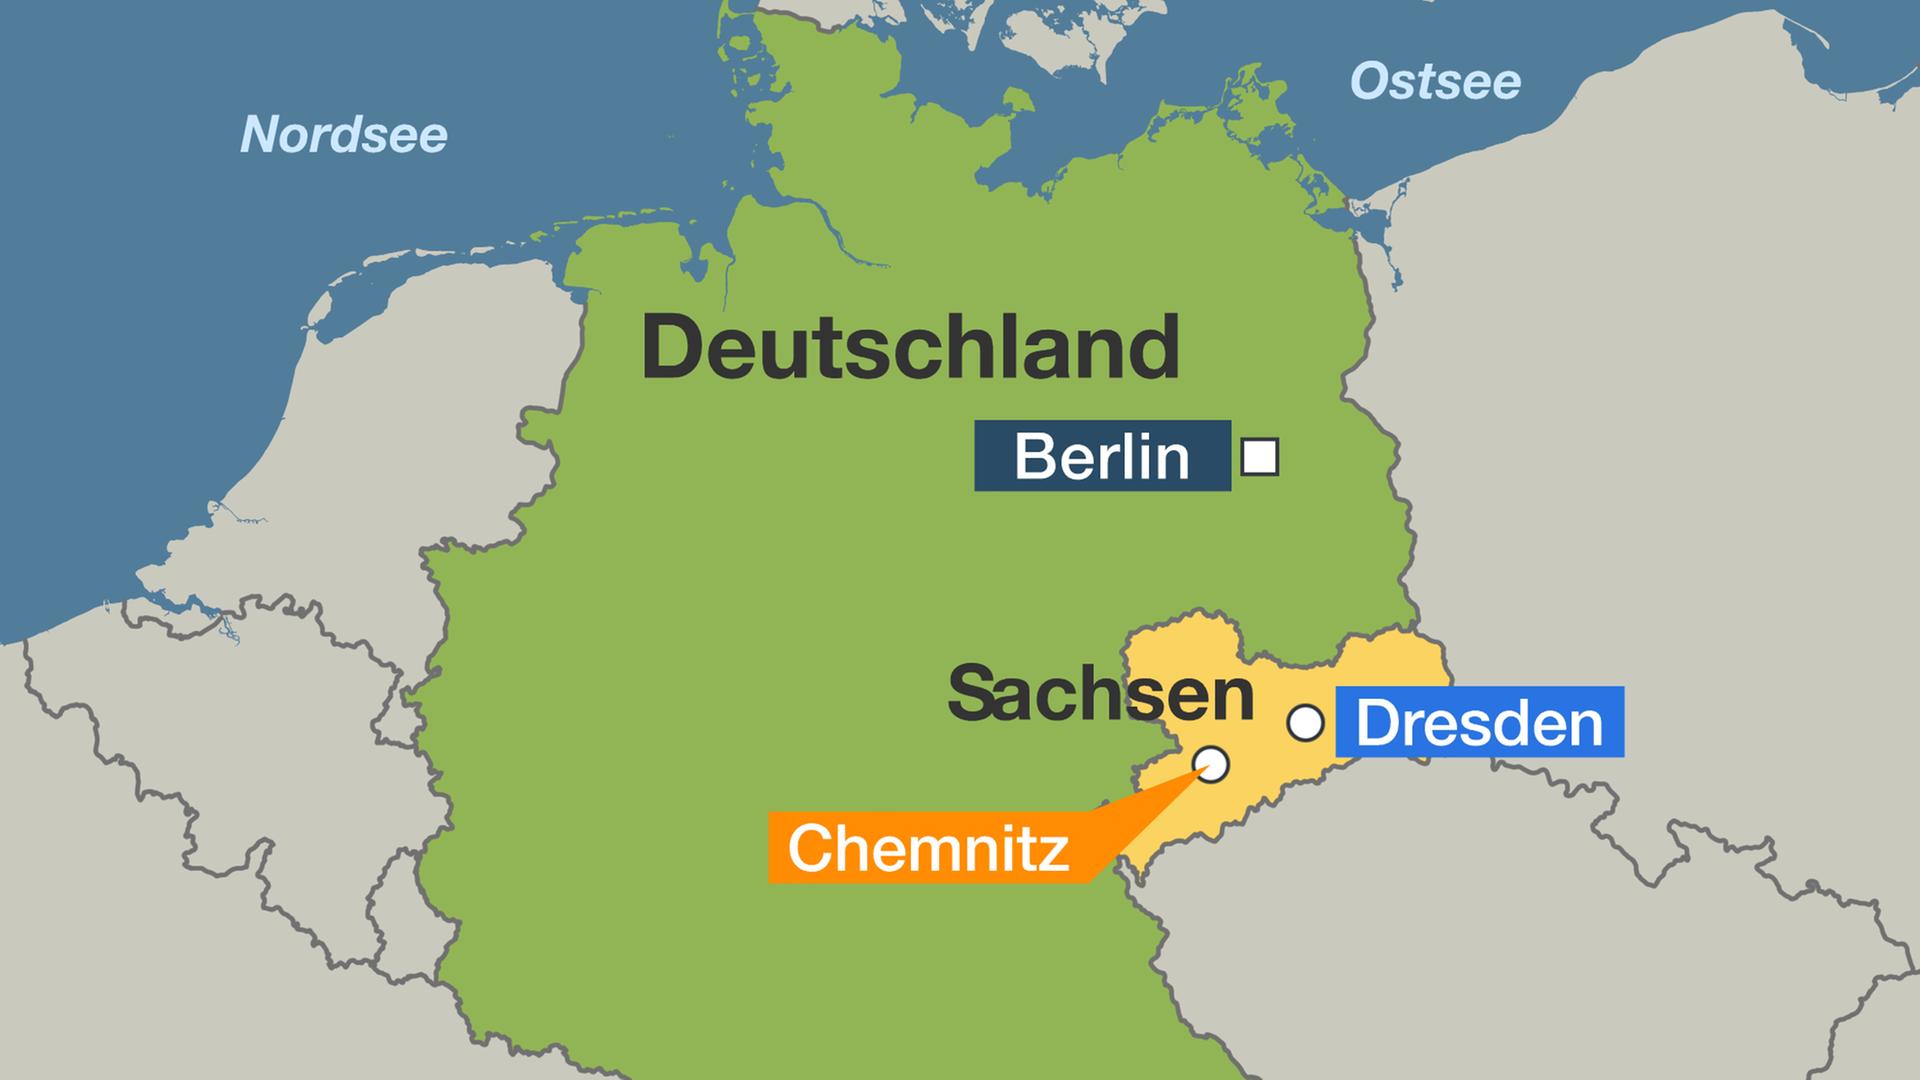 Karte Chemnitz.Stadtportrat Chemnitz Besser Als Sein Ruf Zdfmediathek